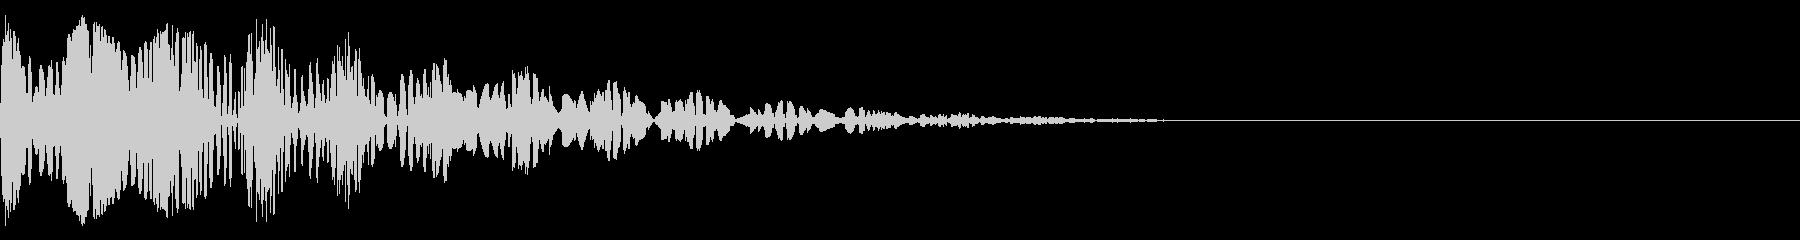 ブニョニョ(マイナスイメージ_毒)の未再生の波形